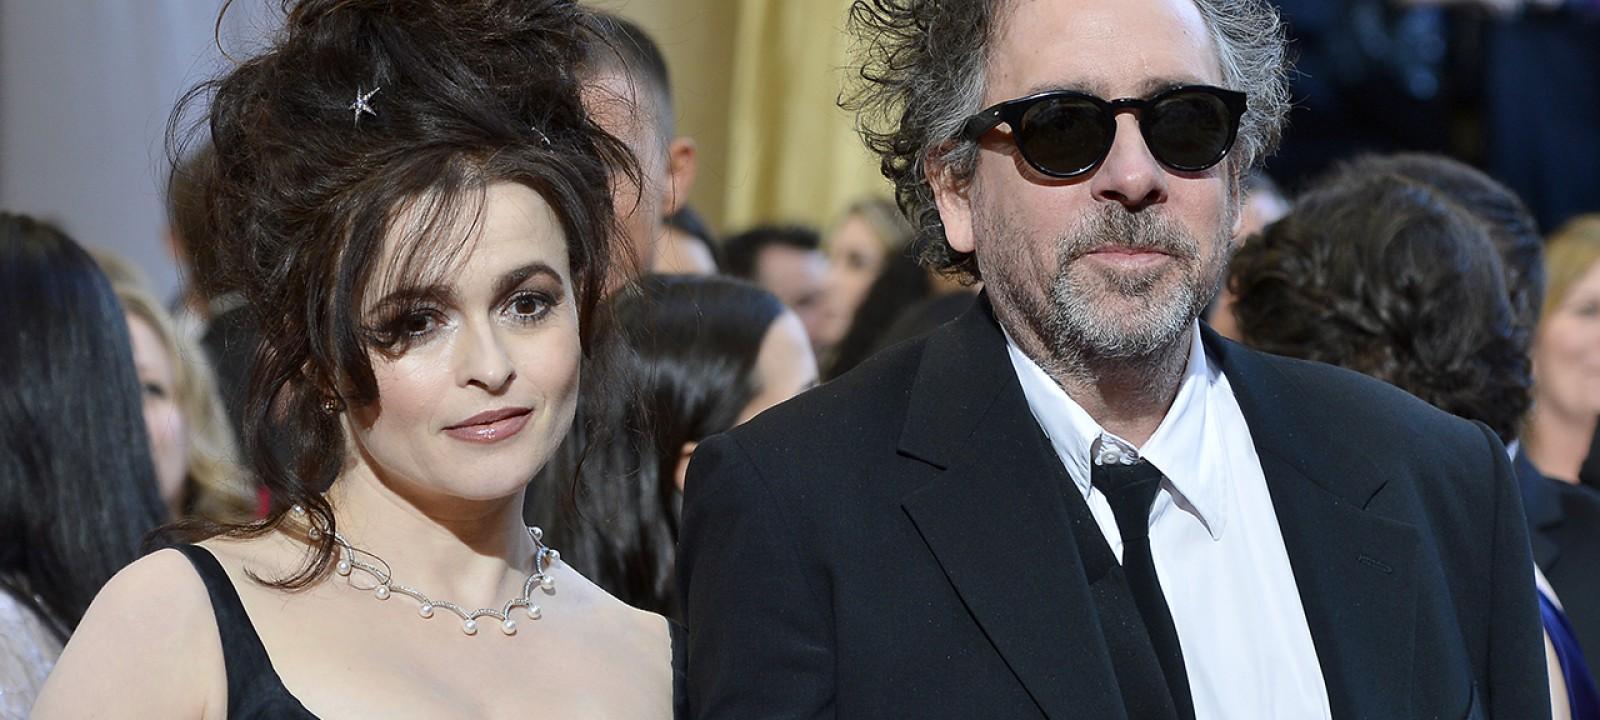 85th Annual Academy Awards – Arrivals